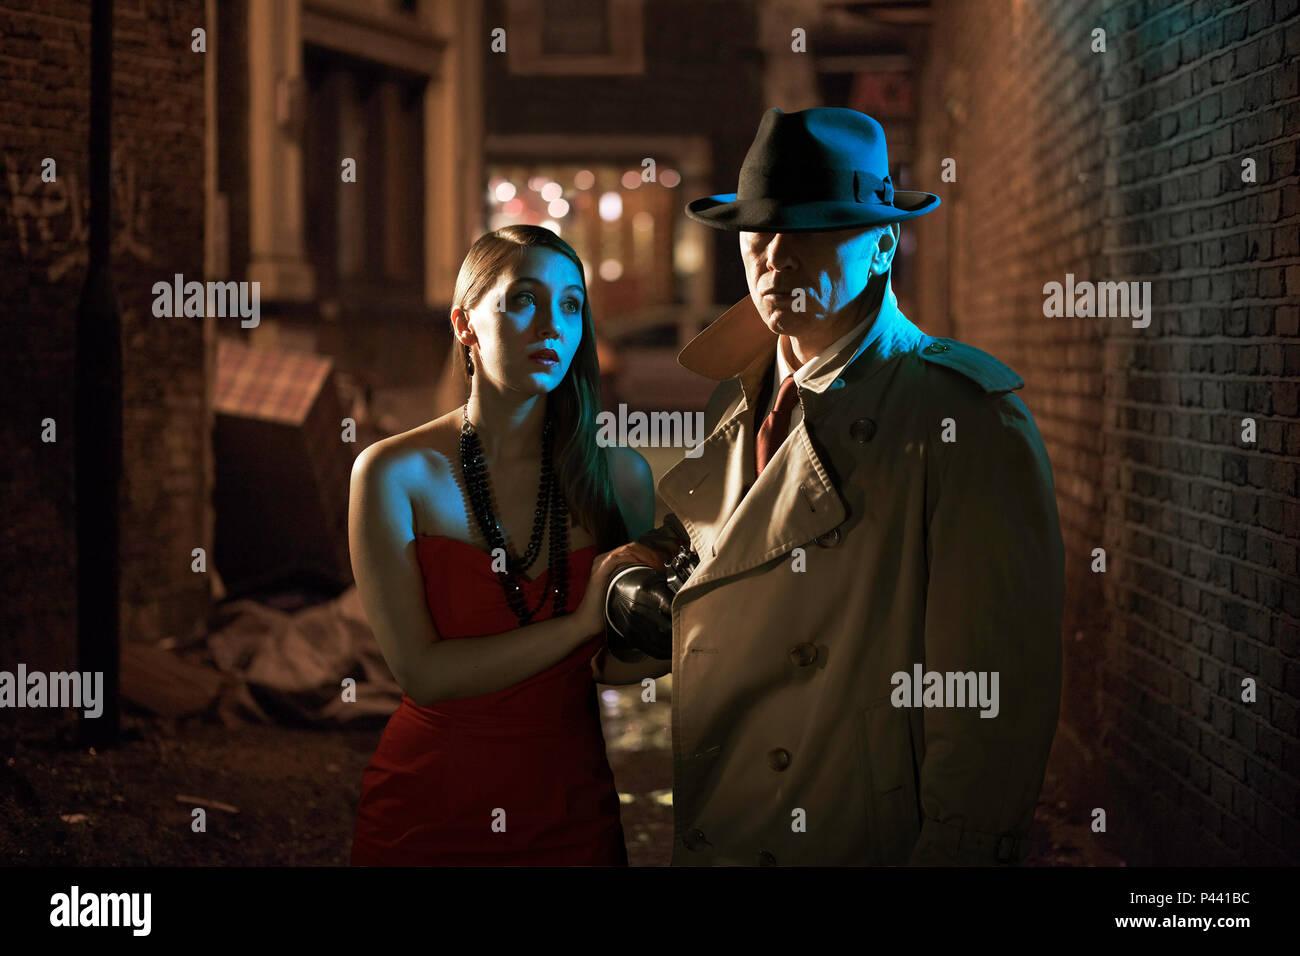 Privatdetektiv und Frau in einer Gasse Stockbild